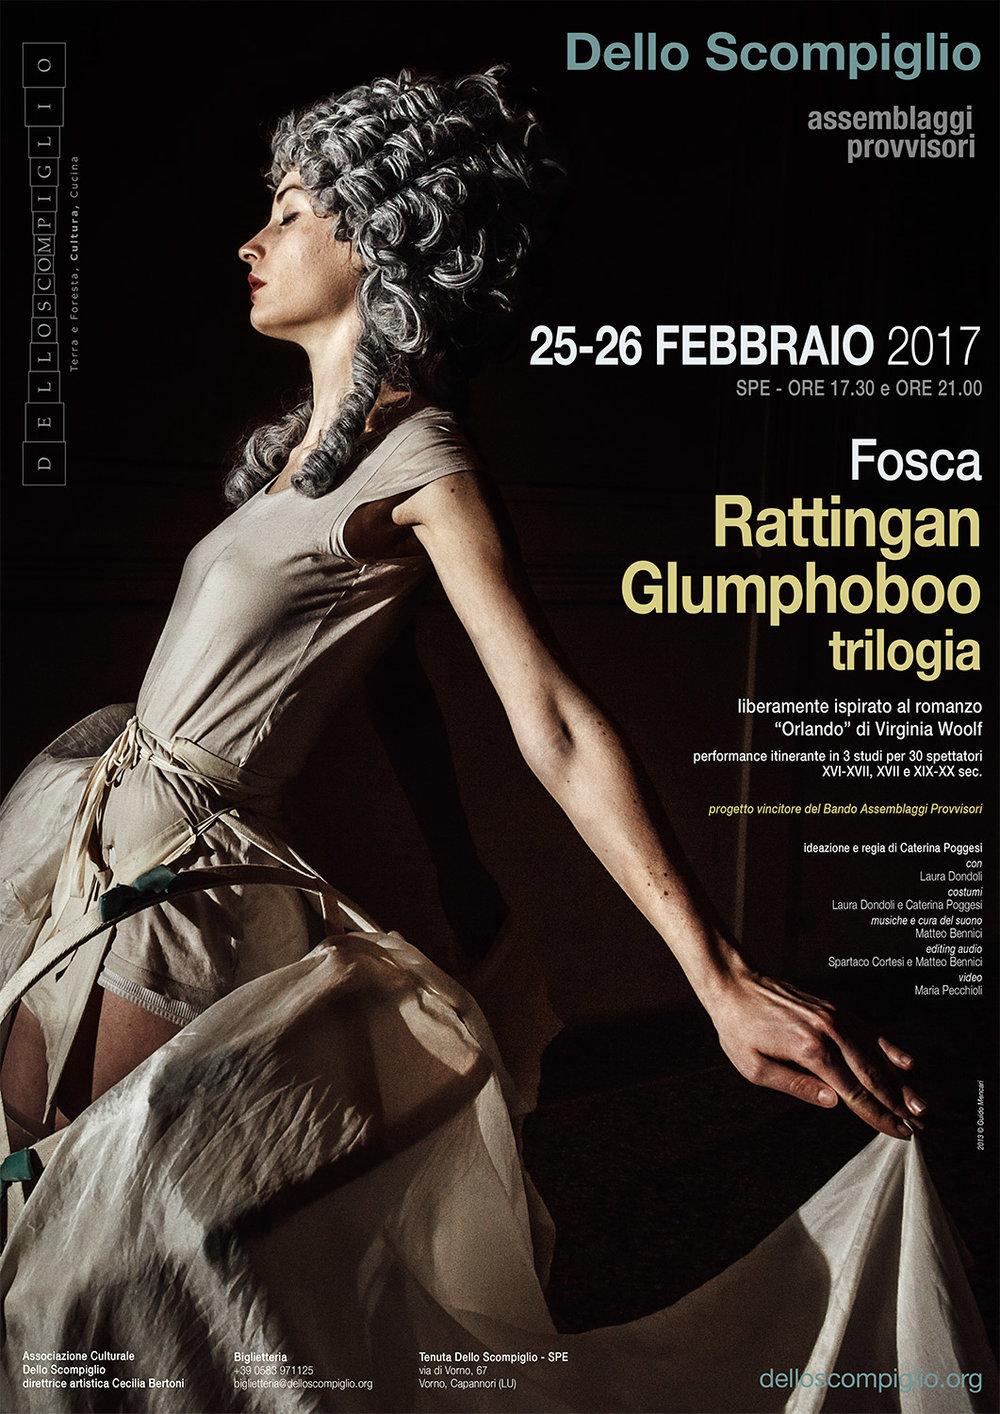 Fosca/Caterina Poggesi |Rattingan Glumphoboo    Poster   Associazione Culturale Dello Scompiglio, 2017